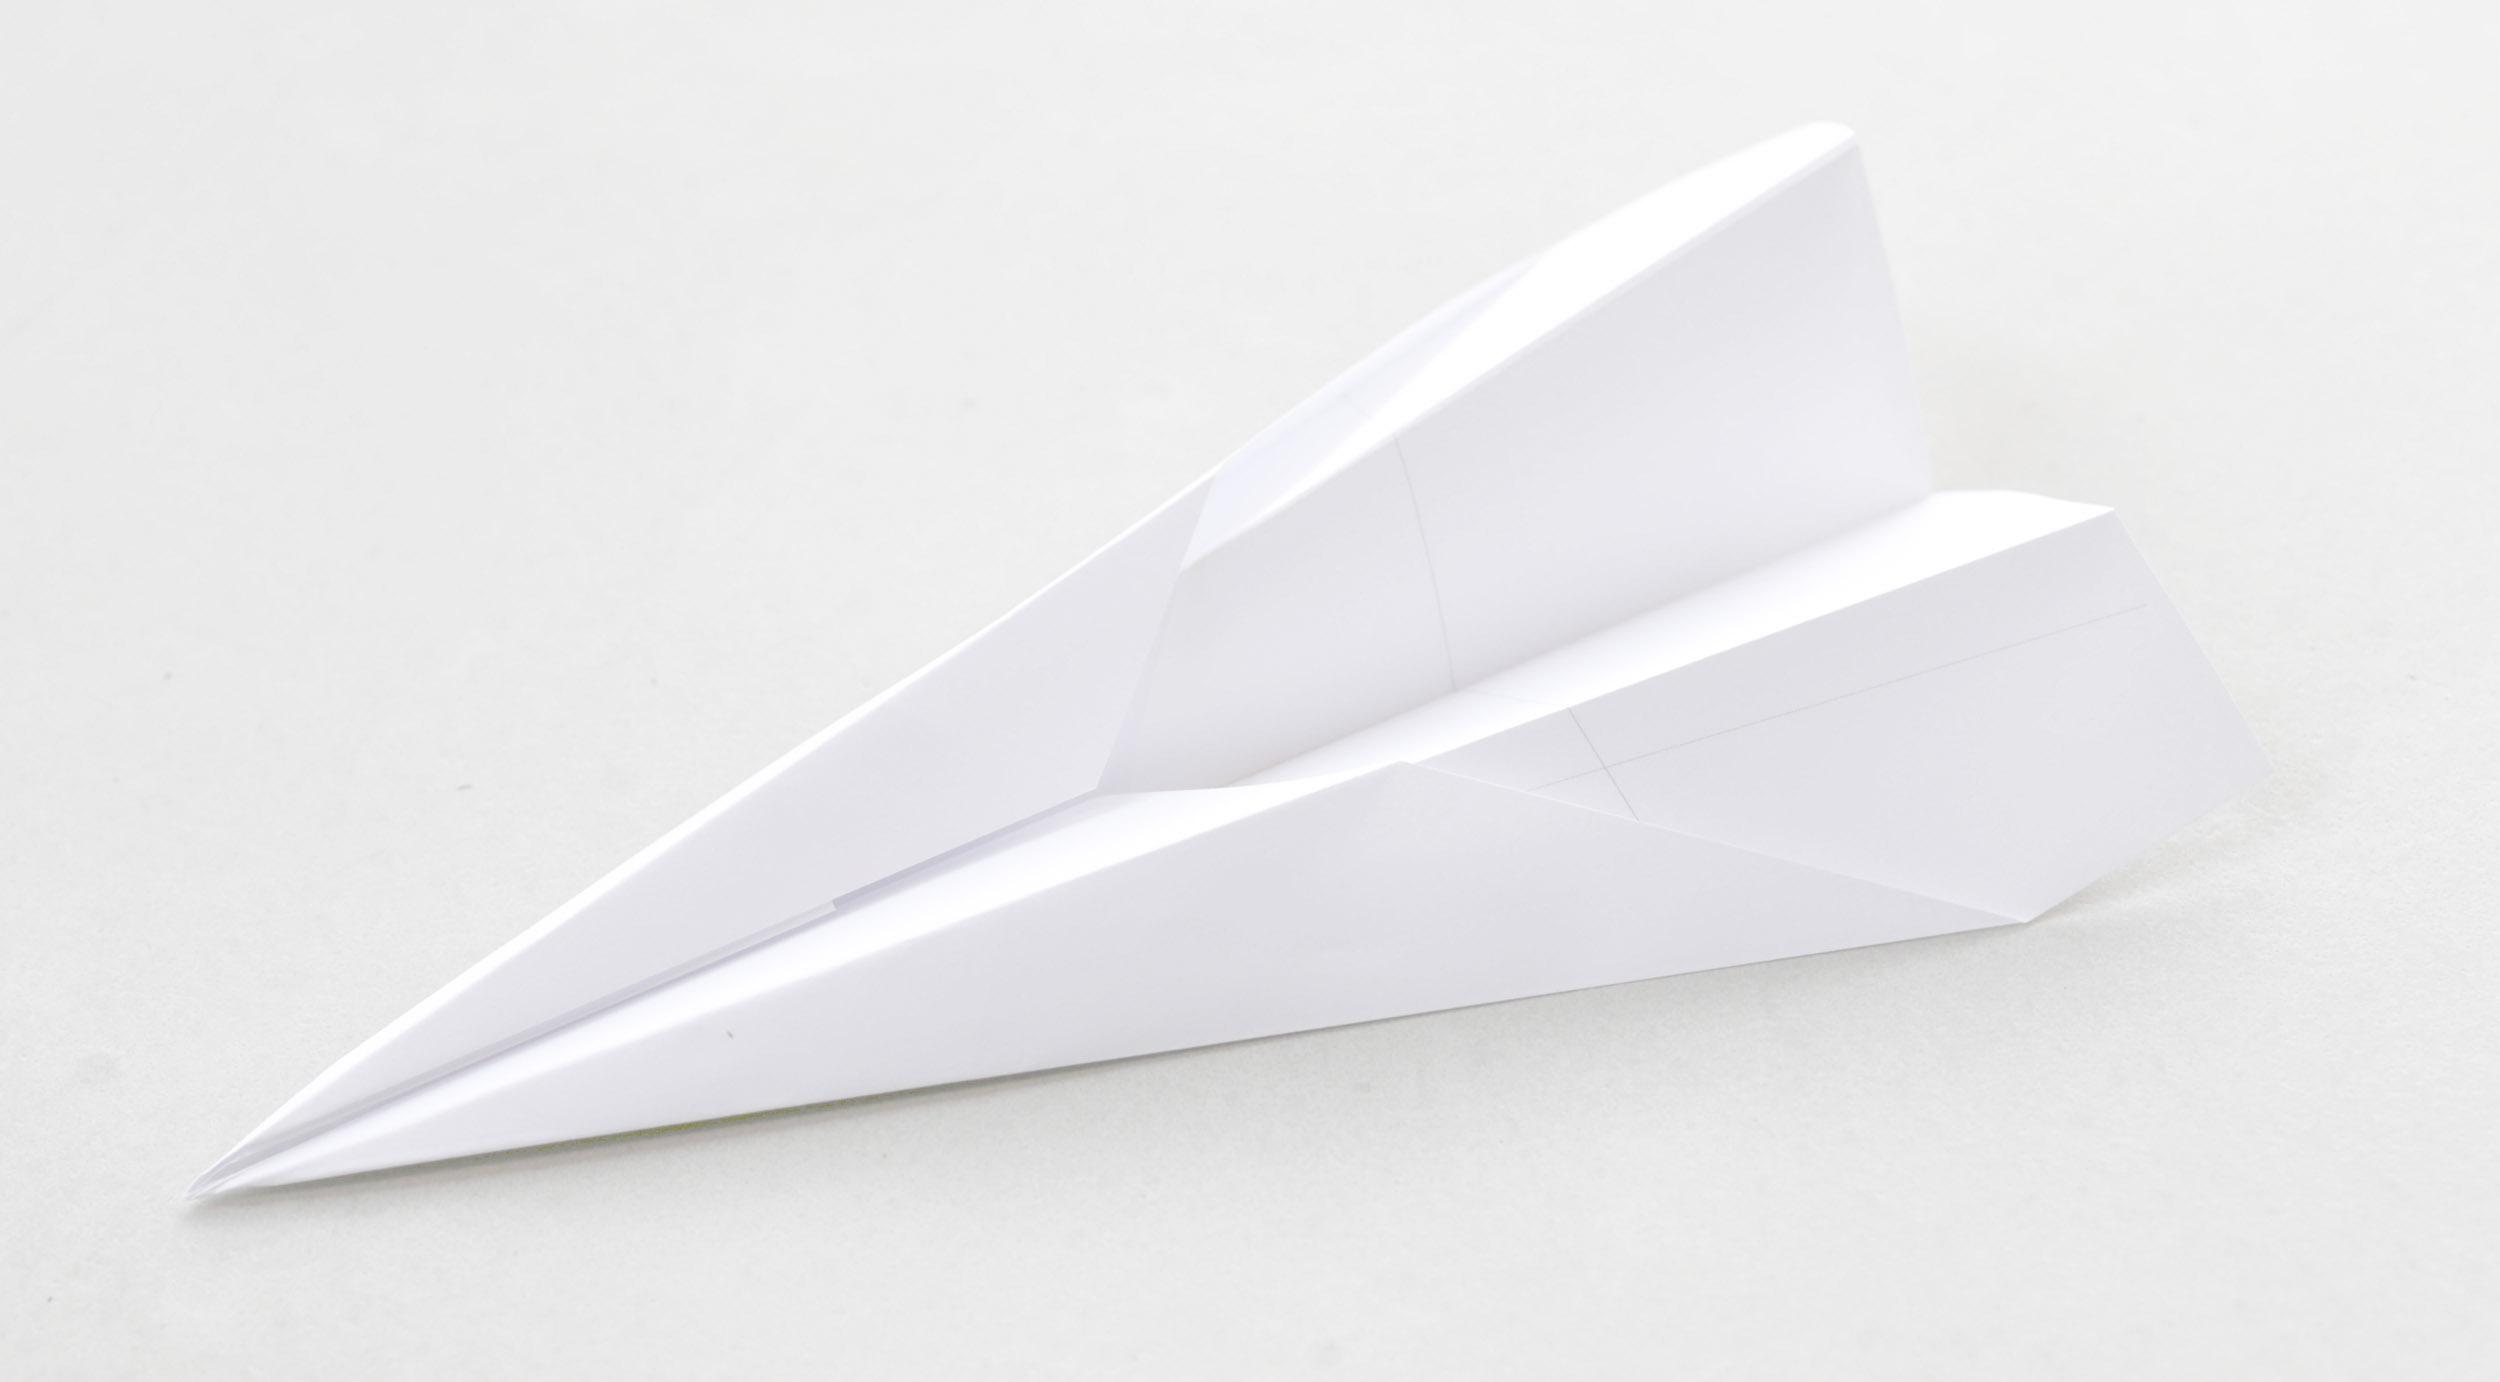 Entwurf-Flughafen-Papierflieger-Innenraum-Konzept-Gestaltung.jpg